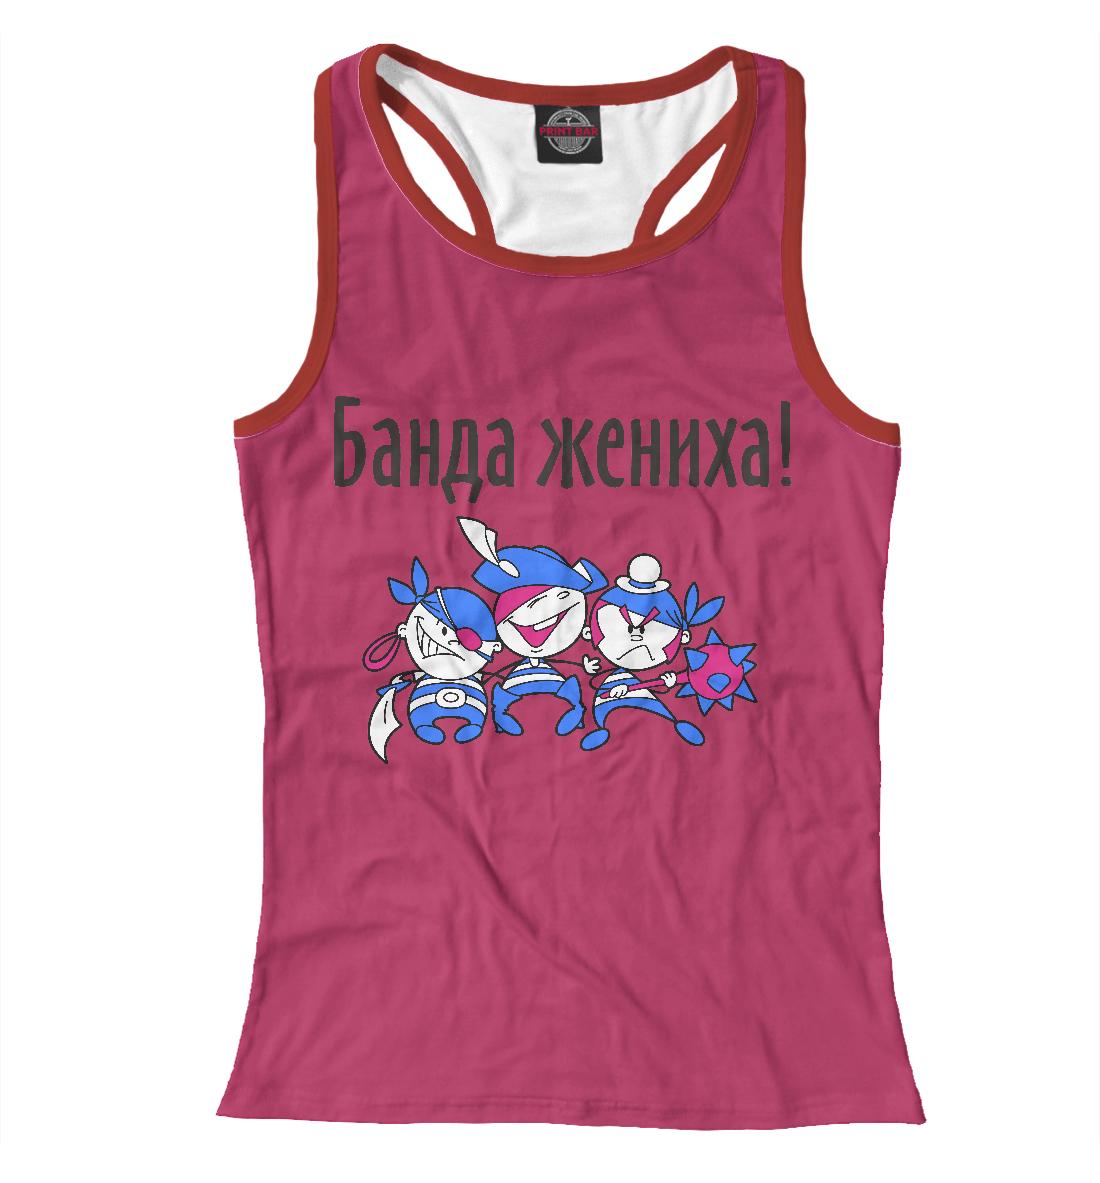 Купить Банда жениха, Printbar, Майки борцовки, SVD-566466-mayb-1